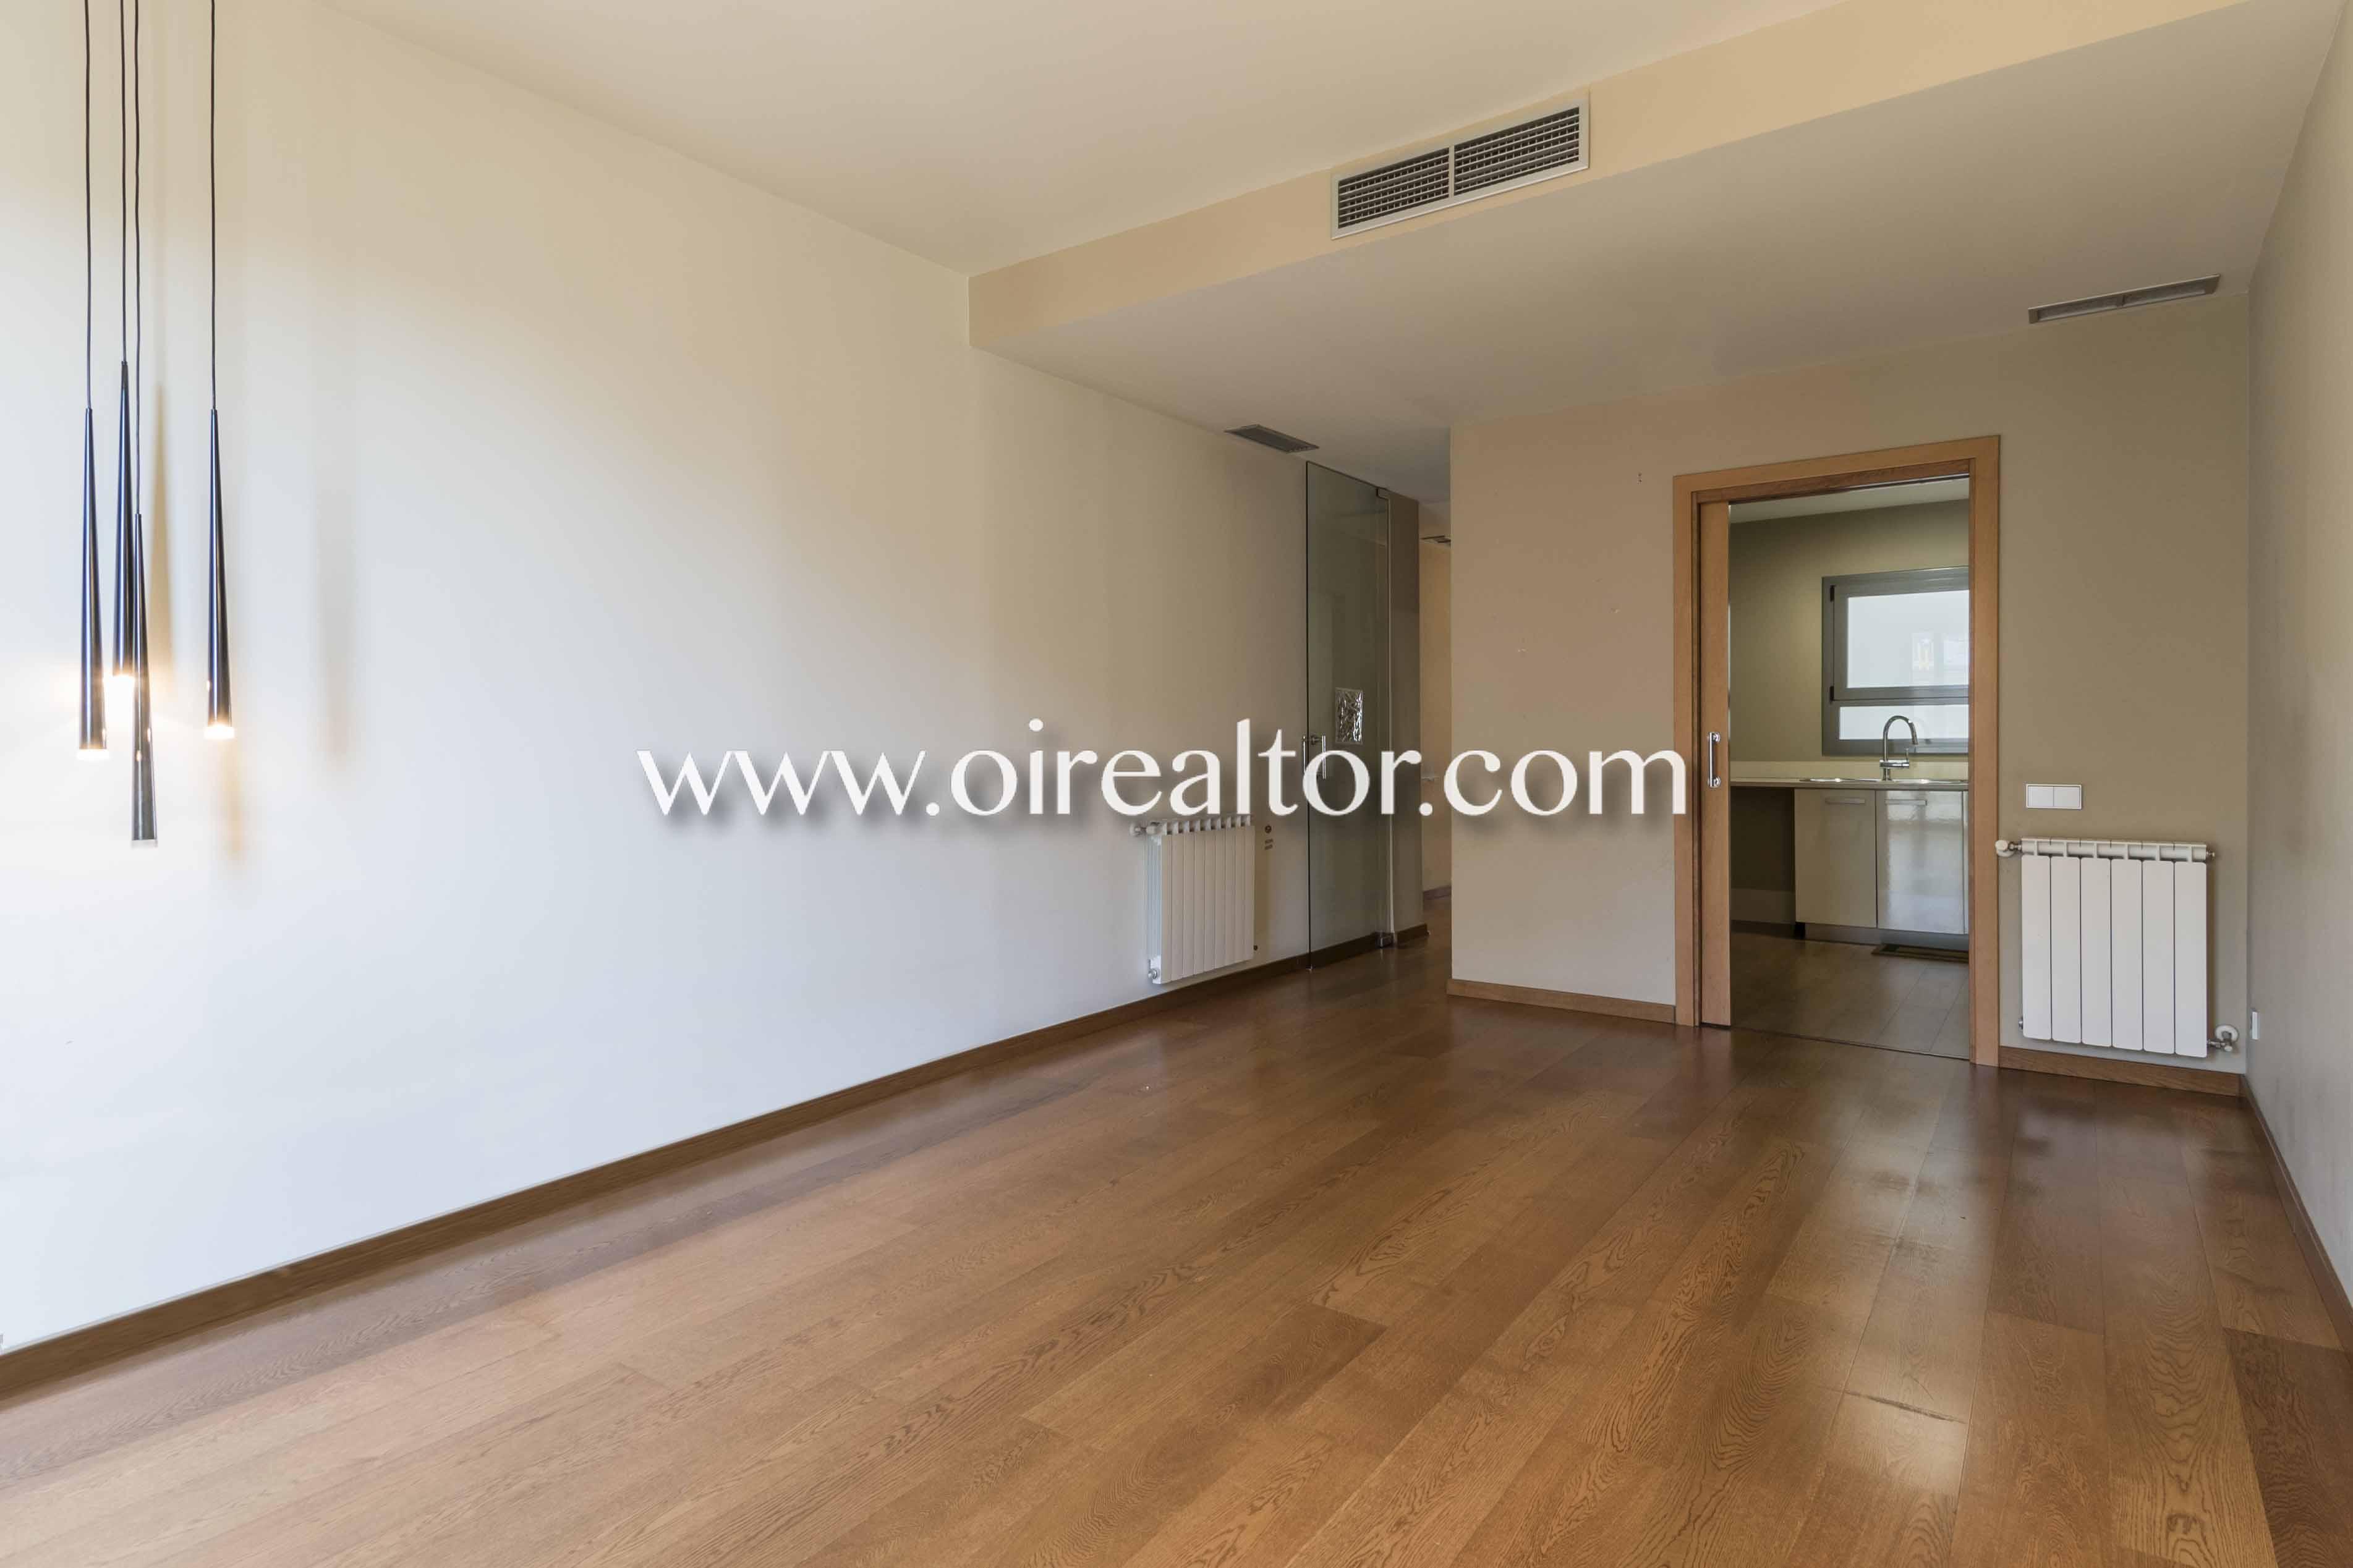 habitación, suelo de parquet, parquet, balcón, salón comedor, salón, comedor,